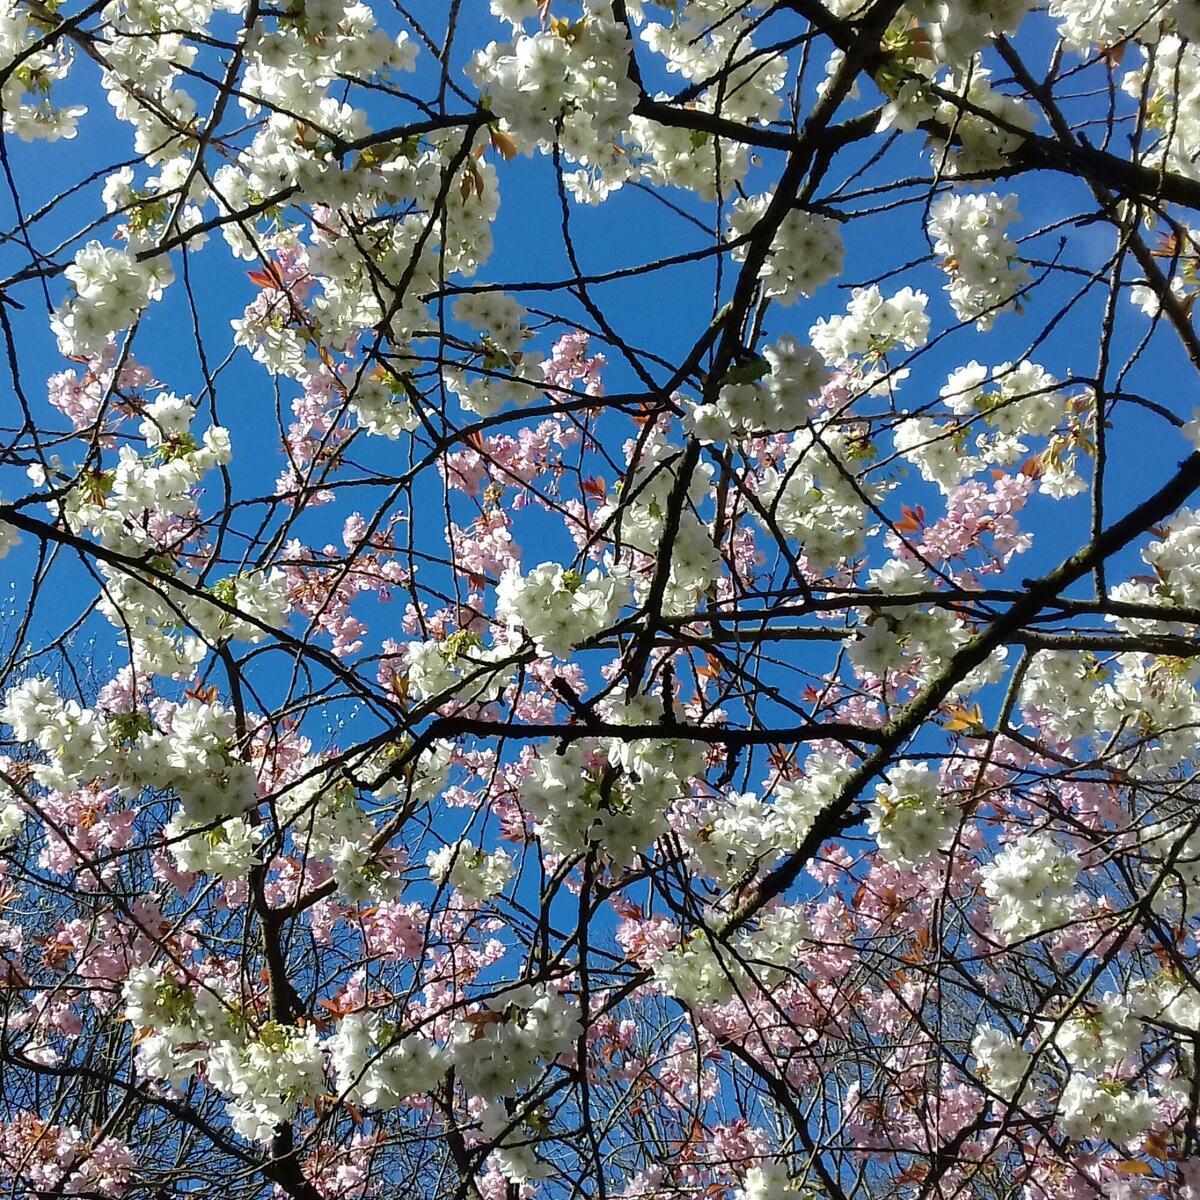 Spring Blossom, Queenswood Arboretum